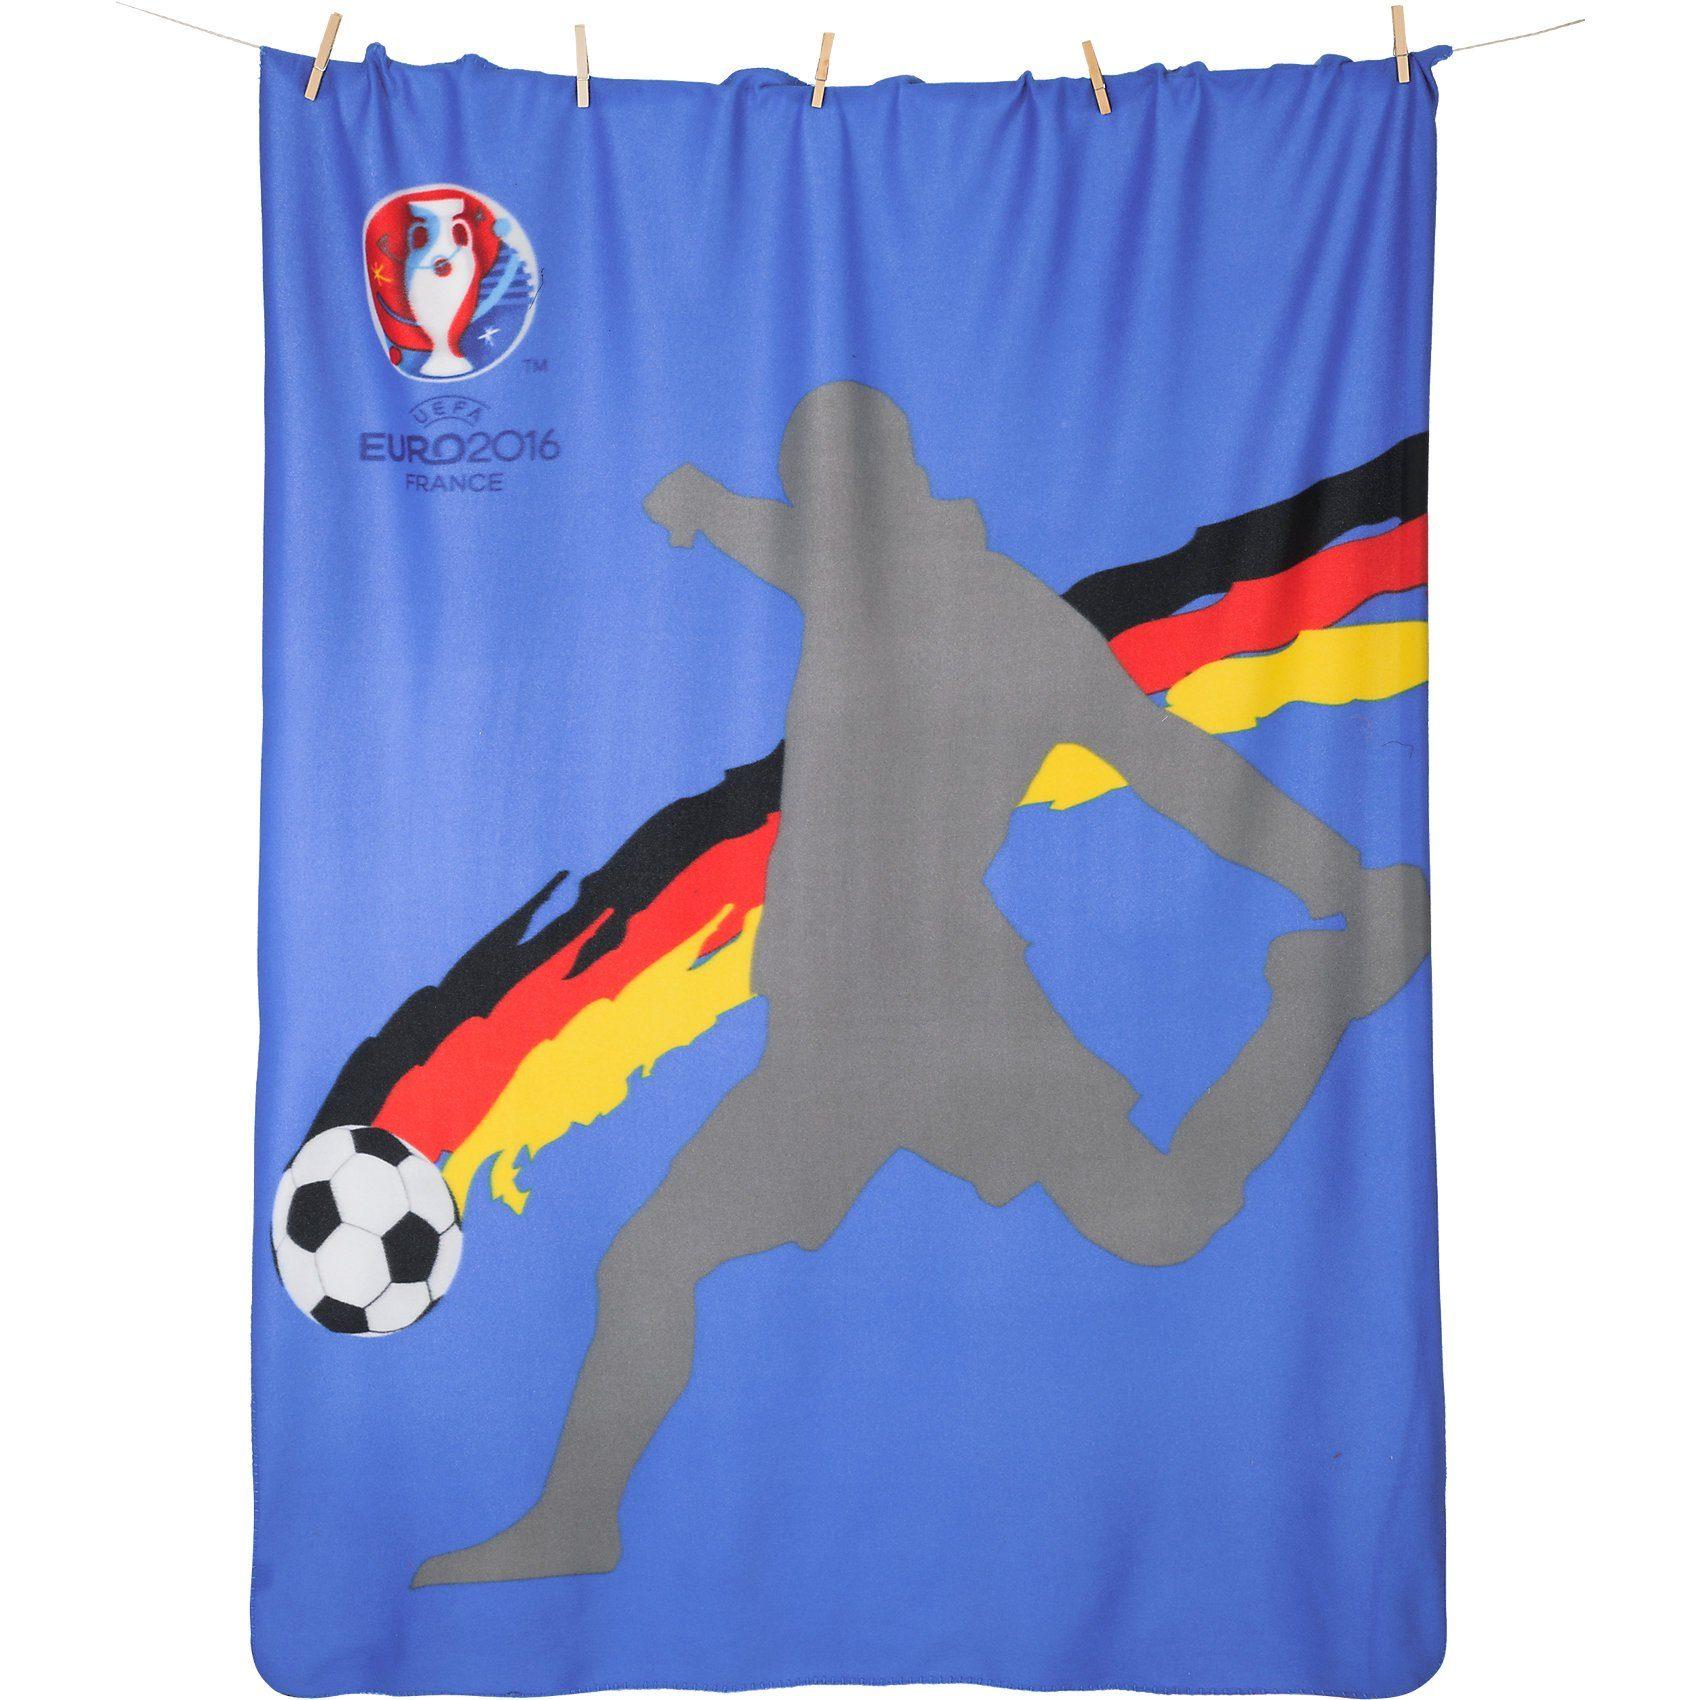 Deutscher Fußball-Bund Fleecedecke EM 2016 Fußballstar, 130 x 170 cm